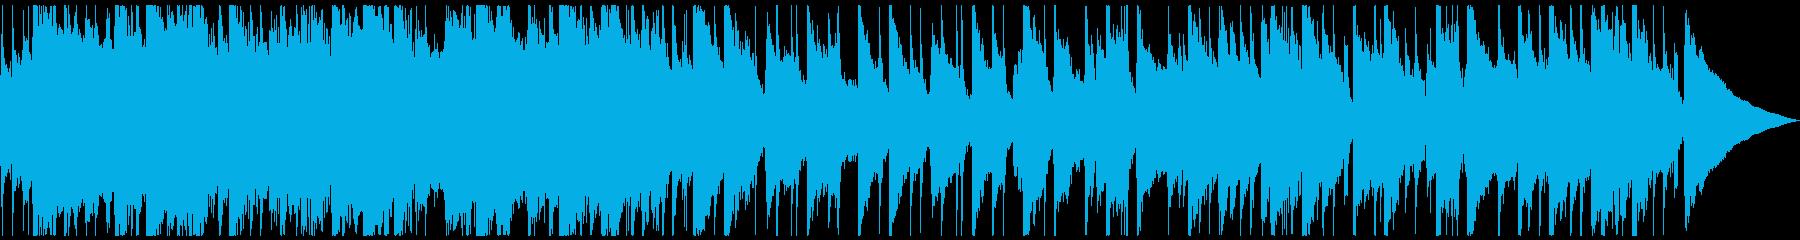 非常にポジティブな雰囲気の、簡単で...の再生済みの波形